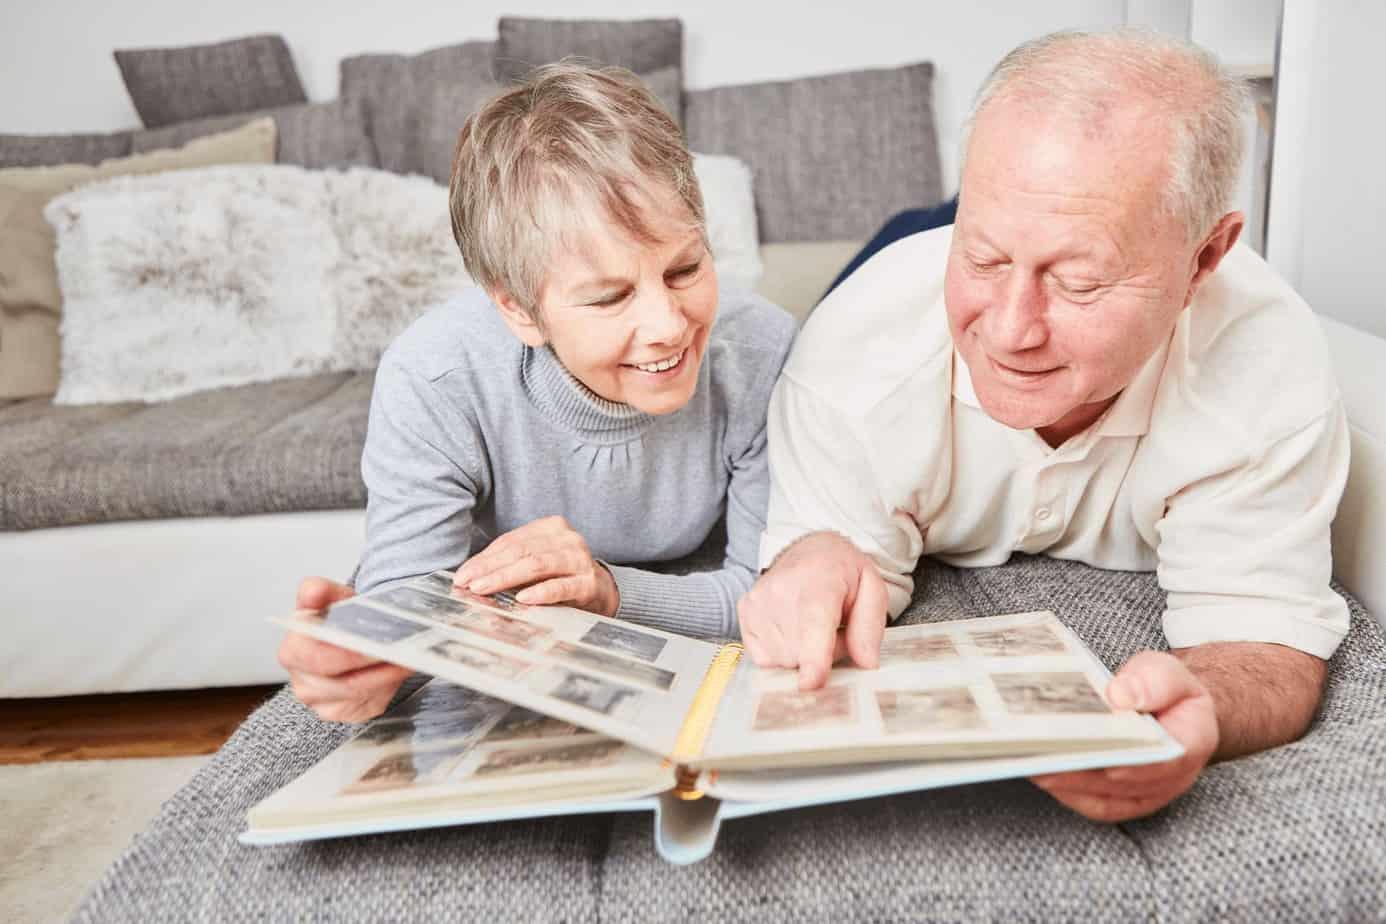 senior couple browsing through an old photo album